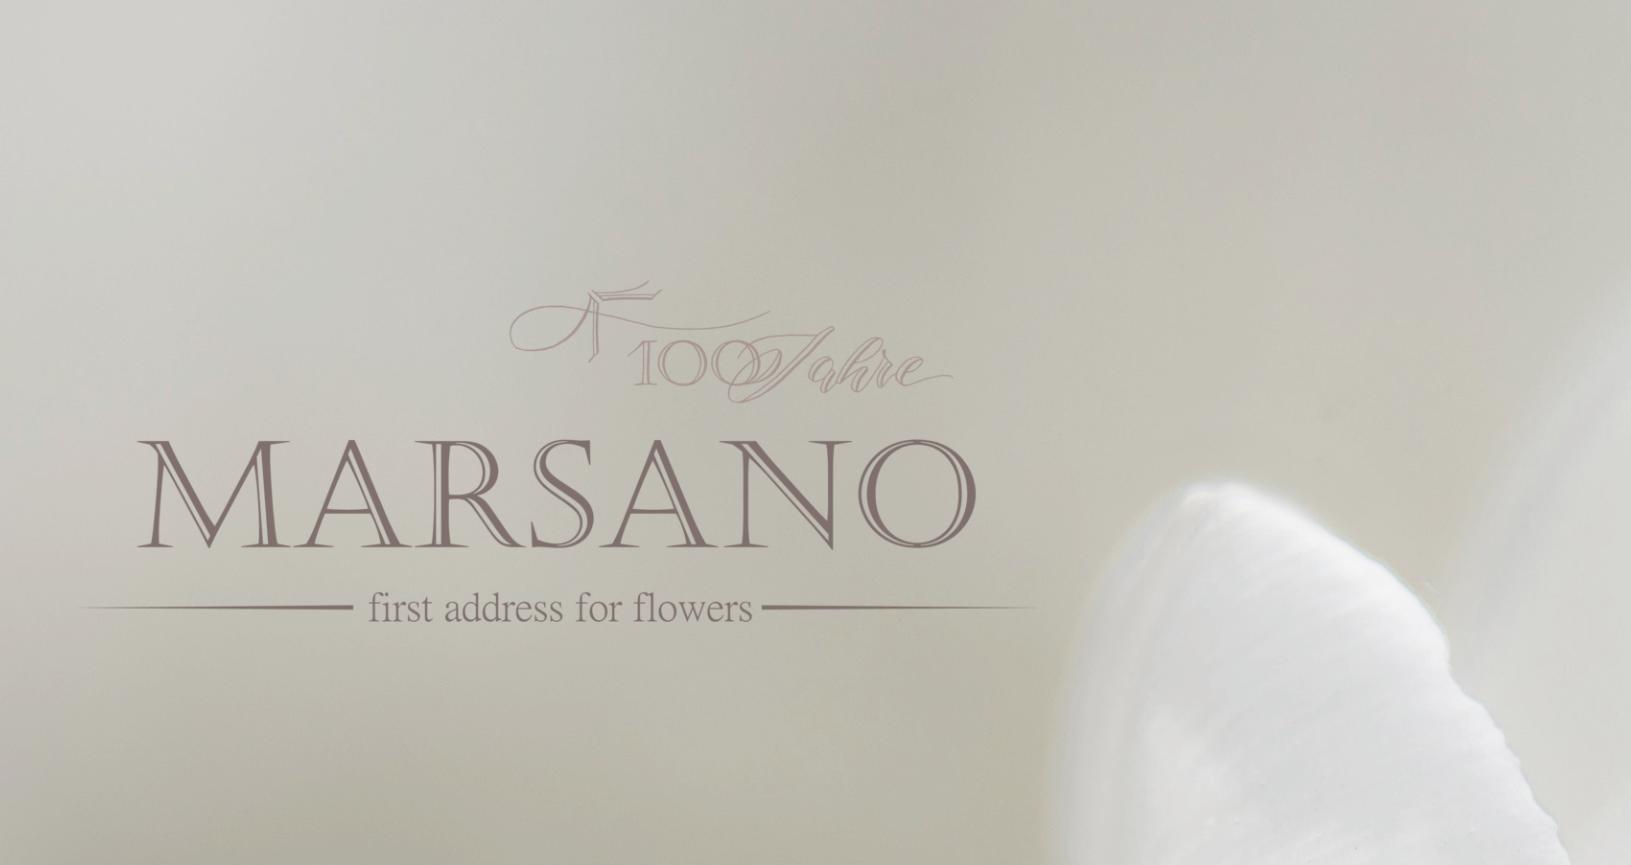 Mehr zu Marsano auf unserer Website marsano.ch